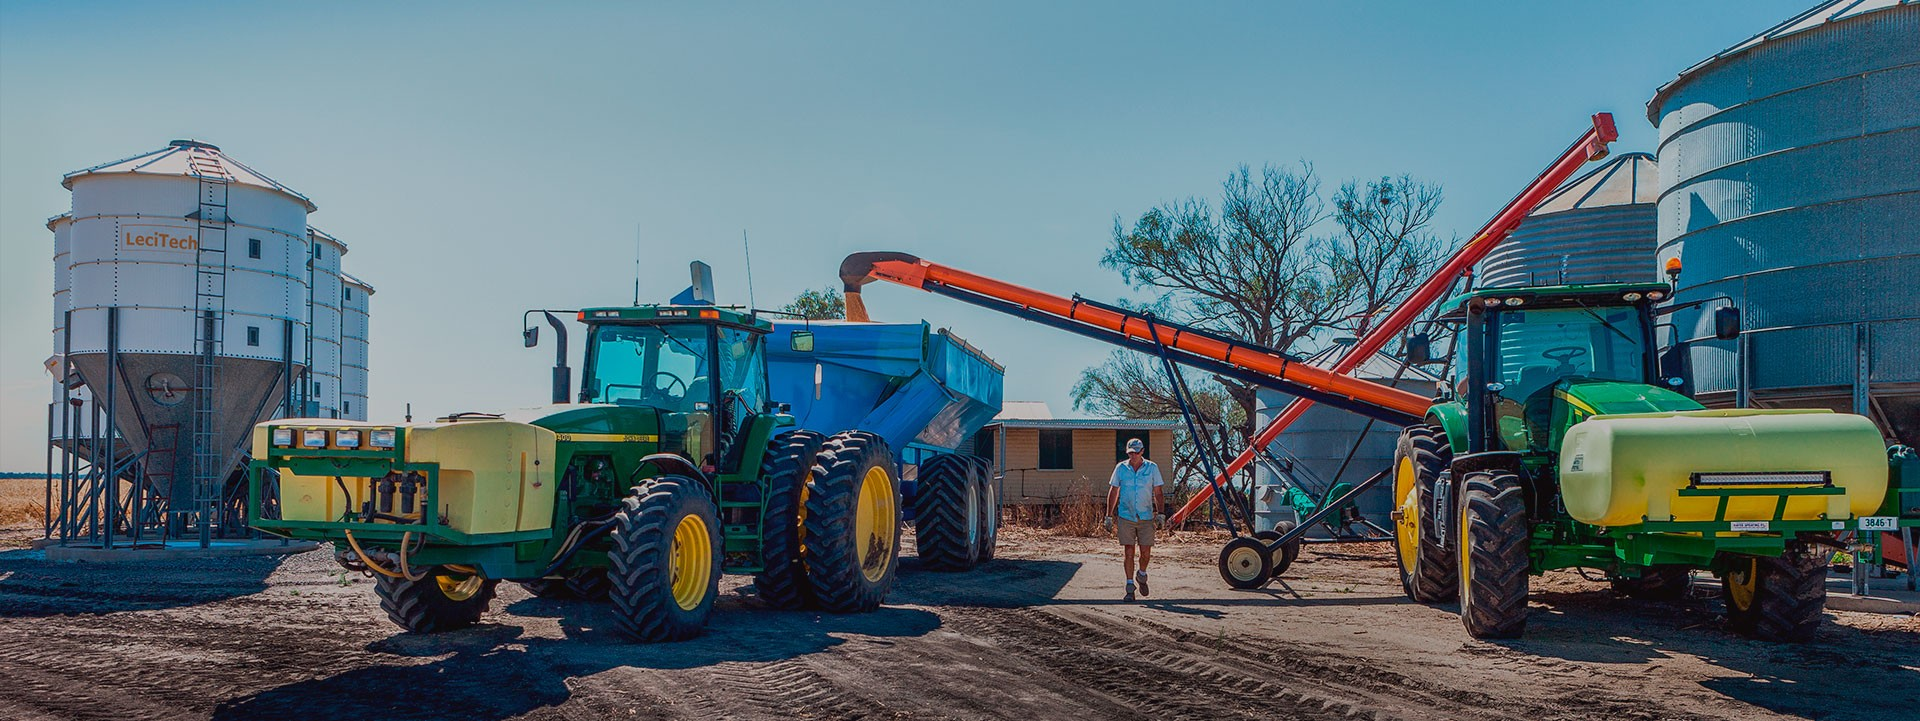 Vis à grains pour un usage agricole et industriel